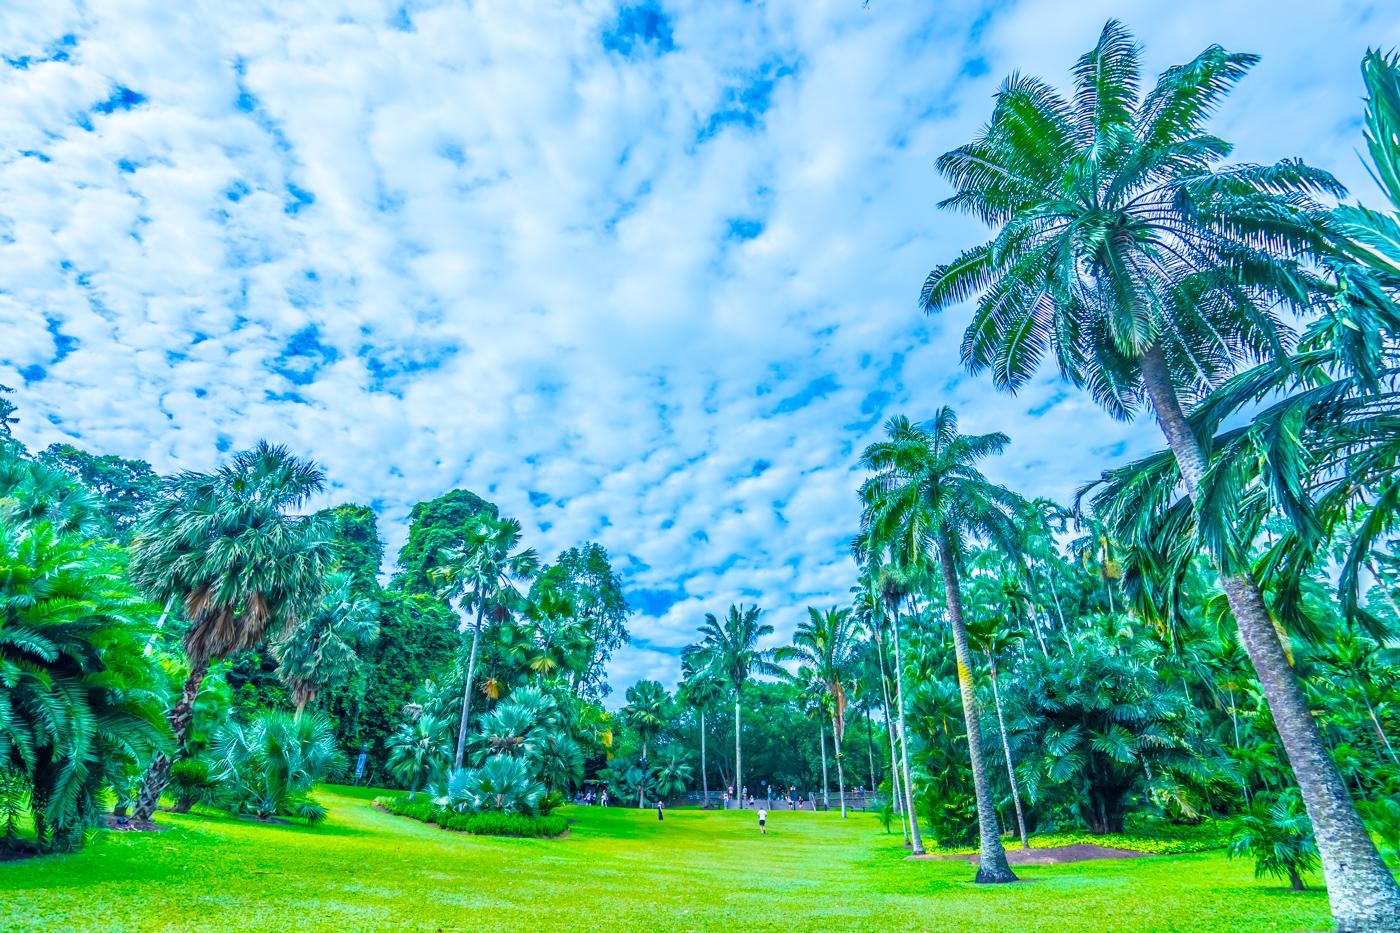 シンガポール植物園(ボタニック・ガーデン) アイキャッチ画像